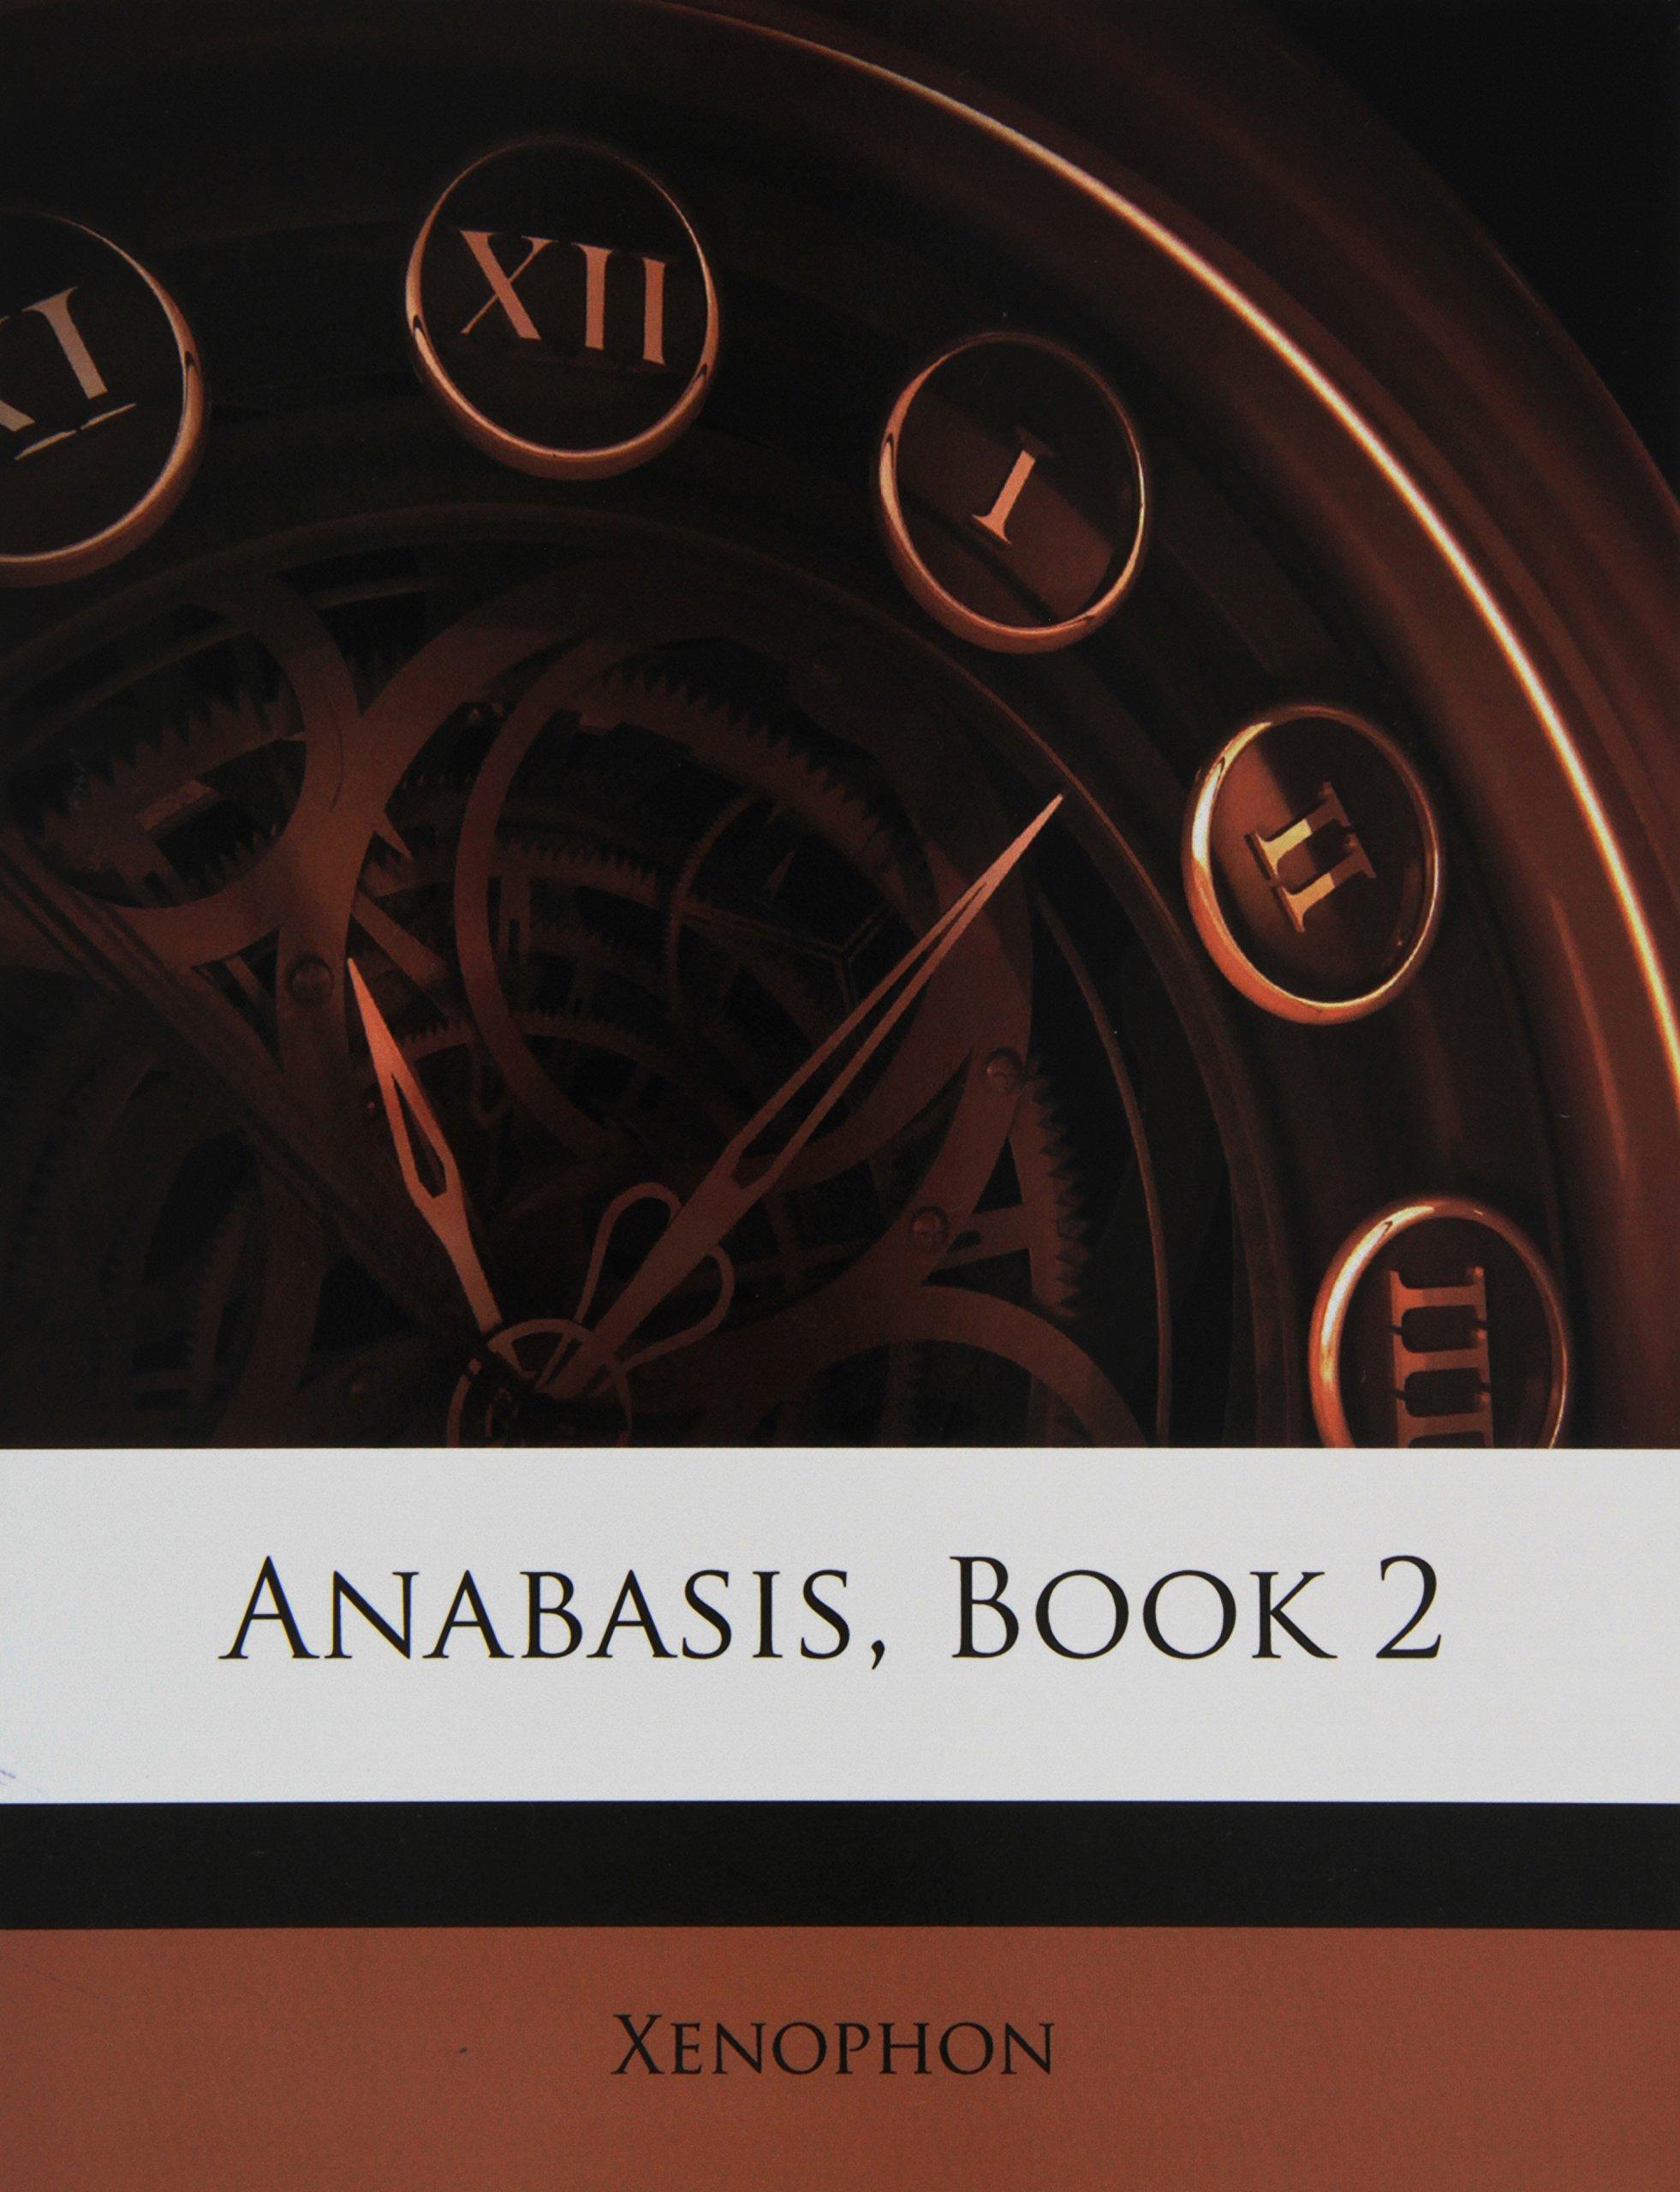 Anabasis, Book 2